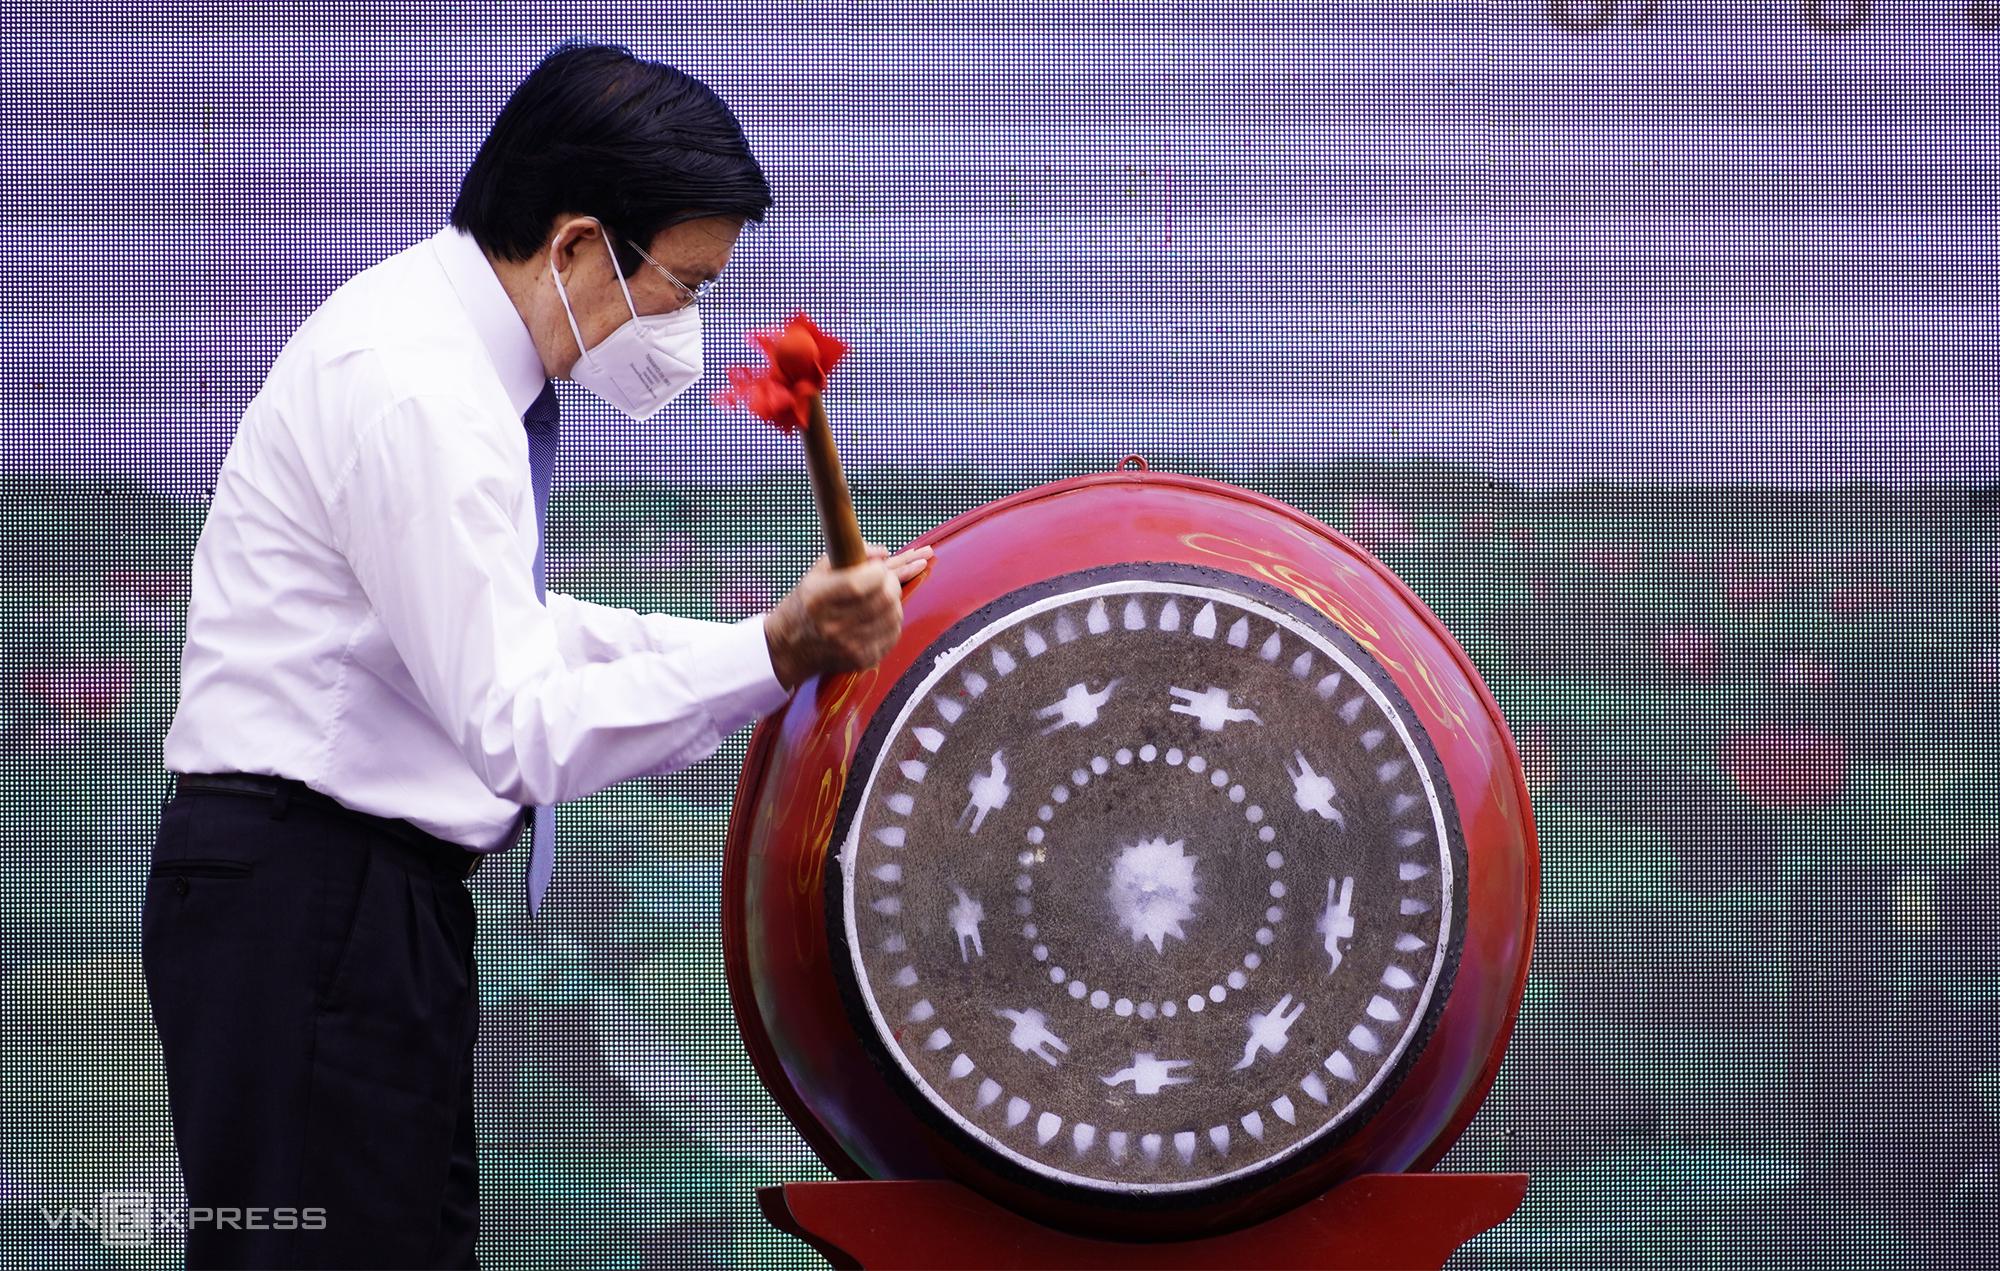 Nguyên Chủ tịch nước Trương Tấn Sang đánh trống khai giảng năm học mới tại trường THPT Thiên Hộ Dương, sáng 17/9. Ảnh: Hoàng Nam